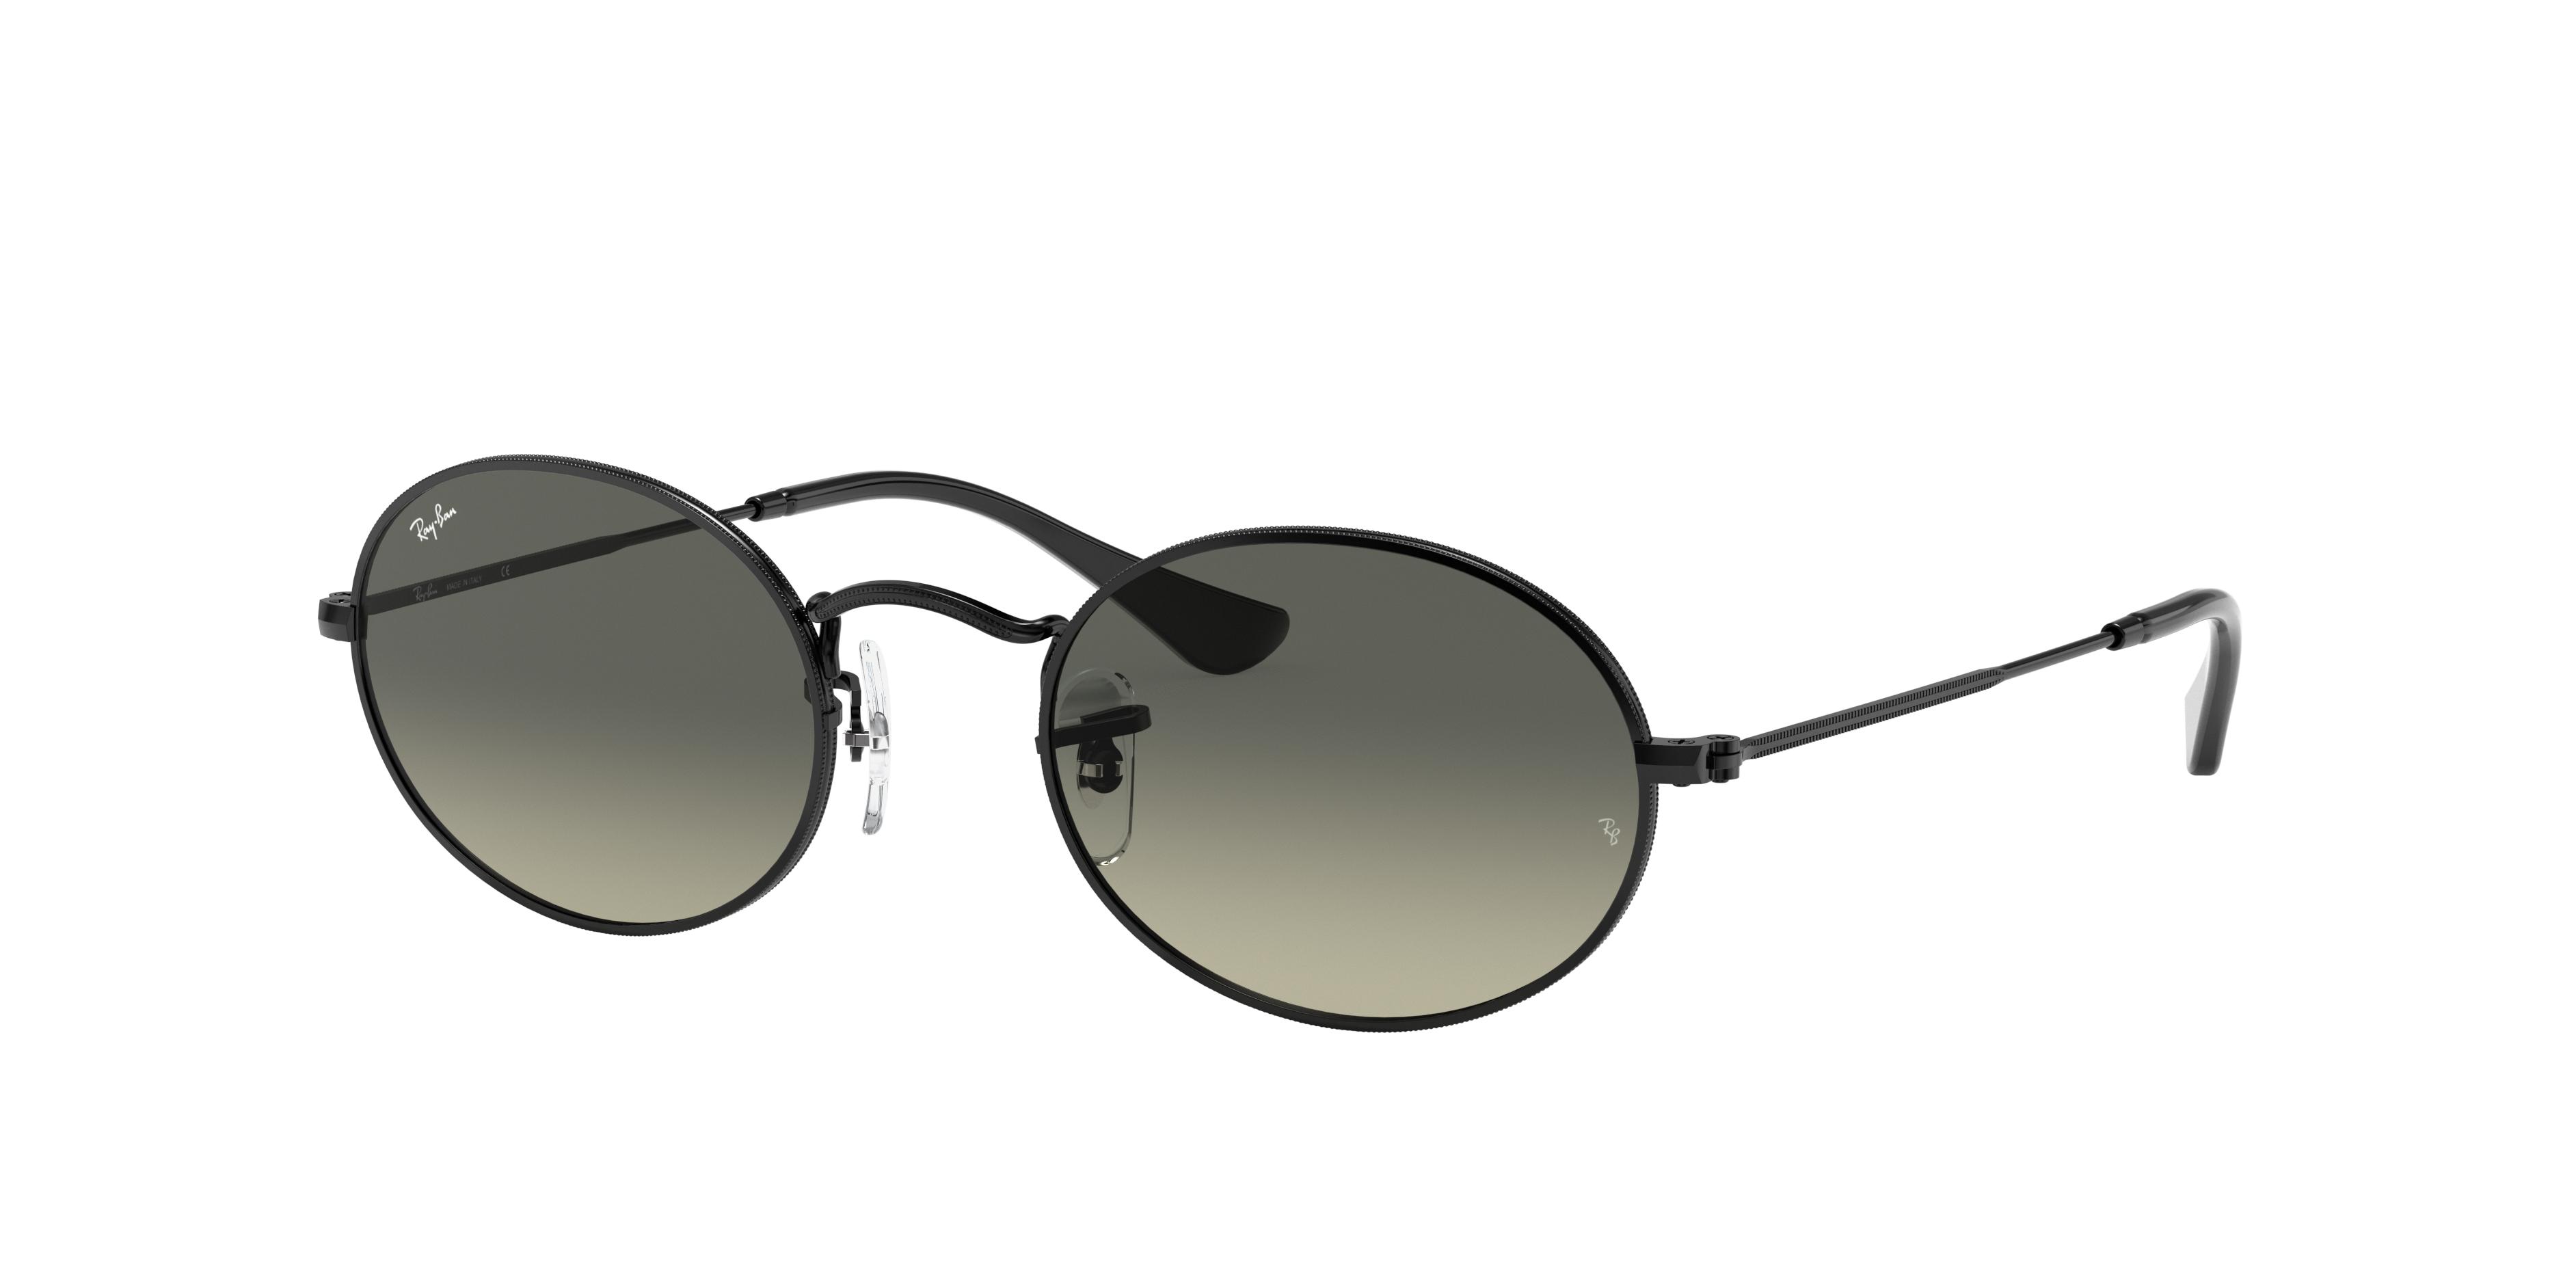 Ray-Ban Oval Flat Lenses Black, Gray Lenses - RB3547N